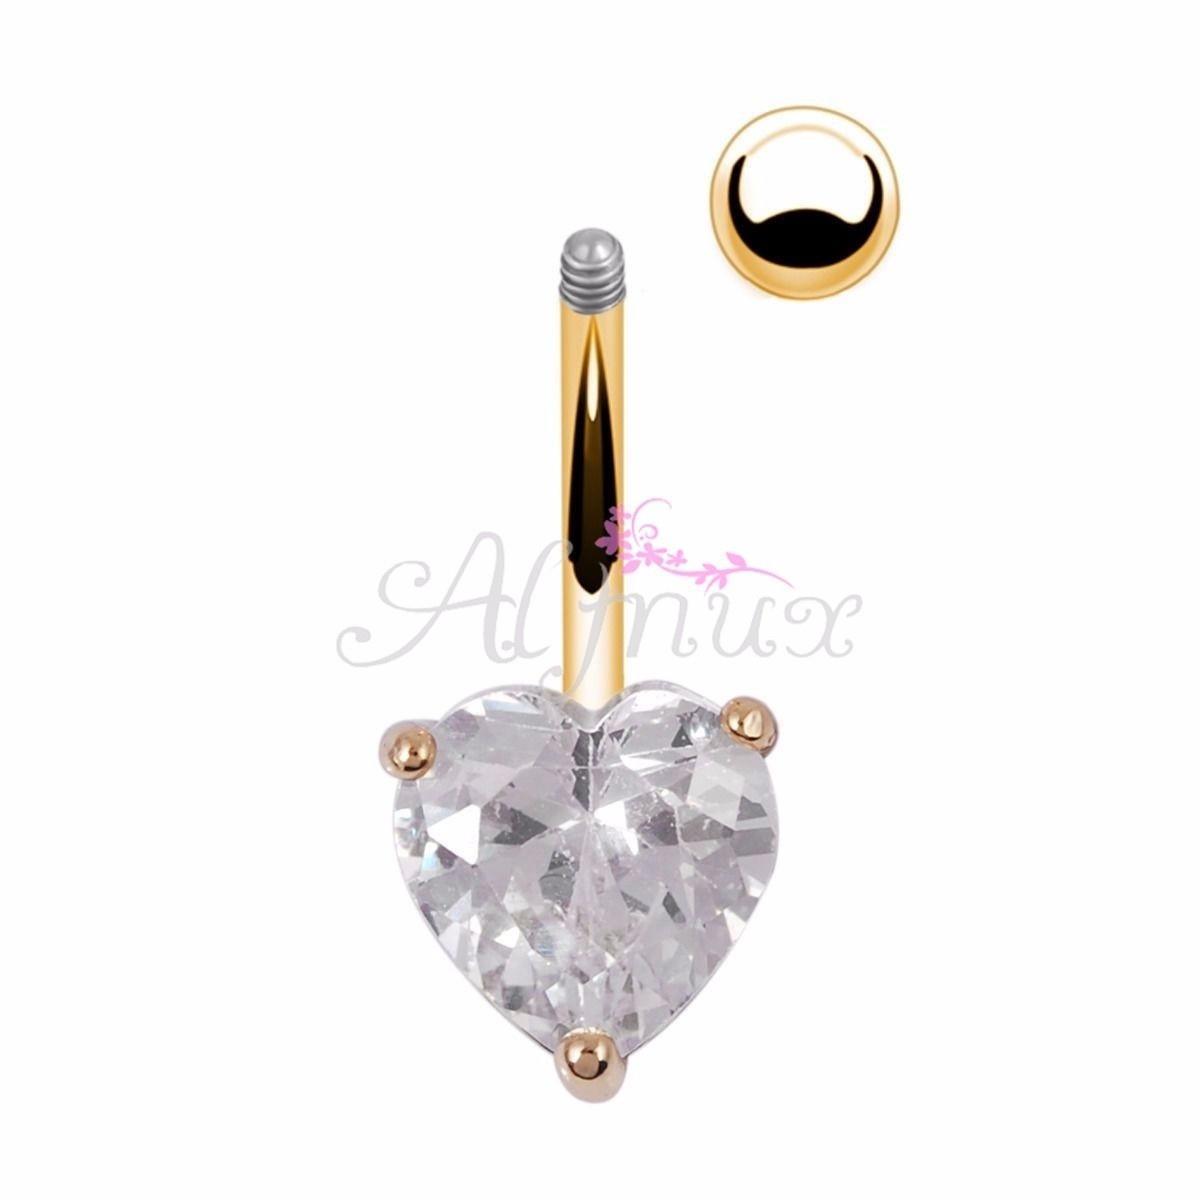 Бар кольцо хирургическая сталь позолоченный Золотое сердце декор кнопку пупком живота